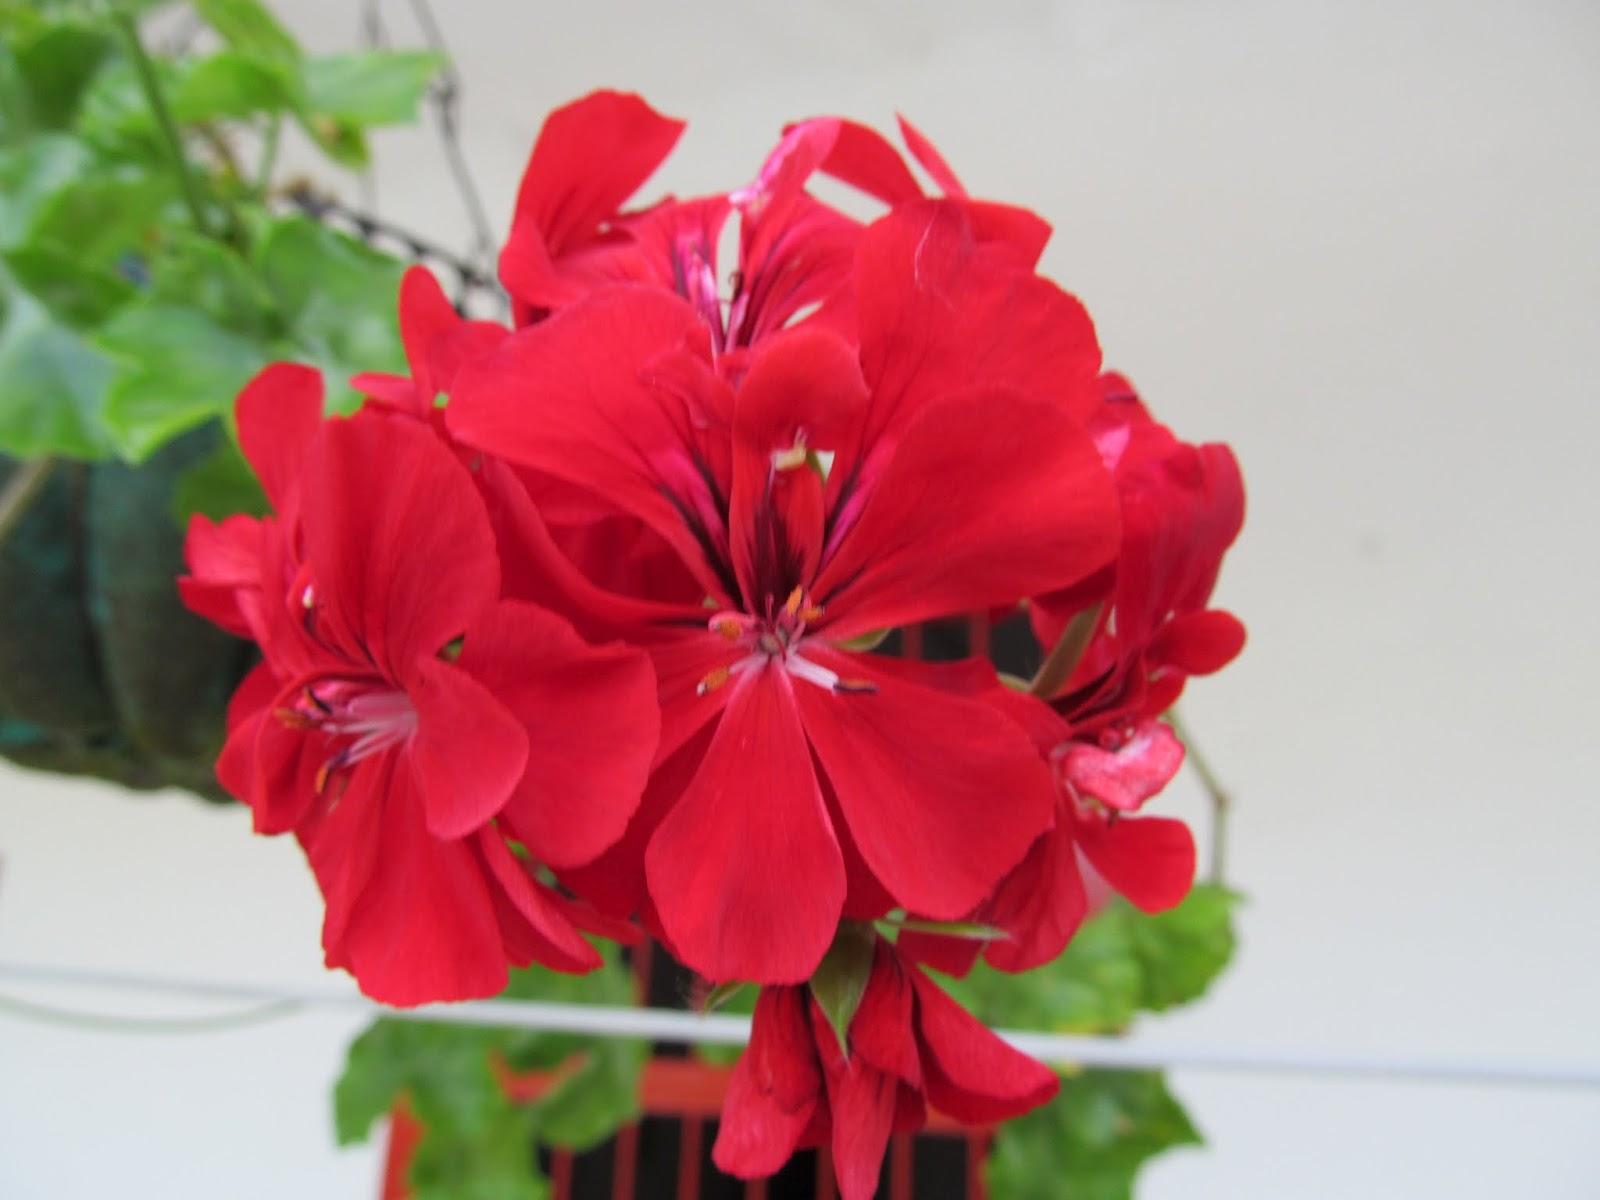 Plantas medicinales y ornamentales cer alto grande sede for Plantas medicinales y ornamentales